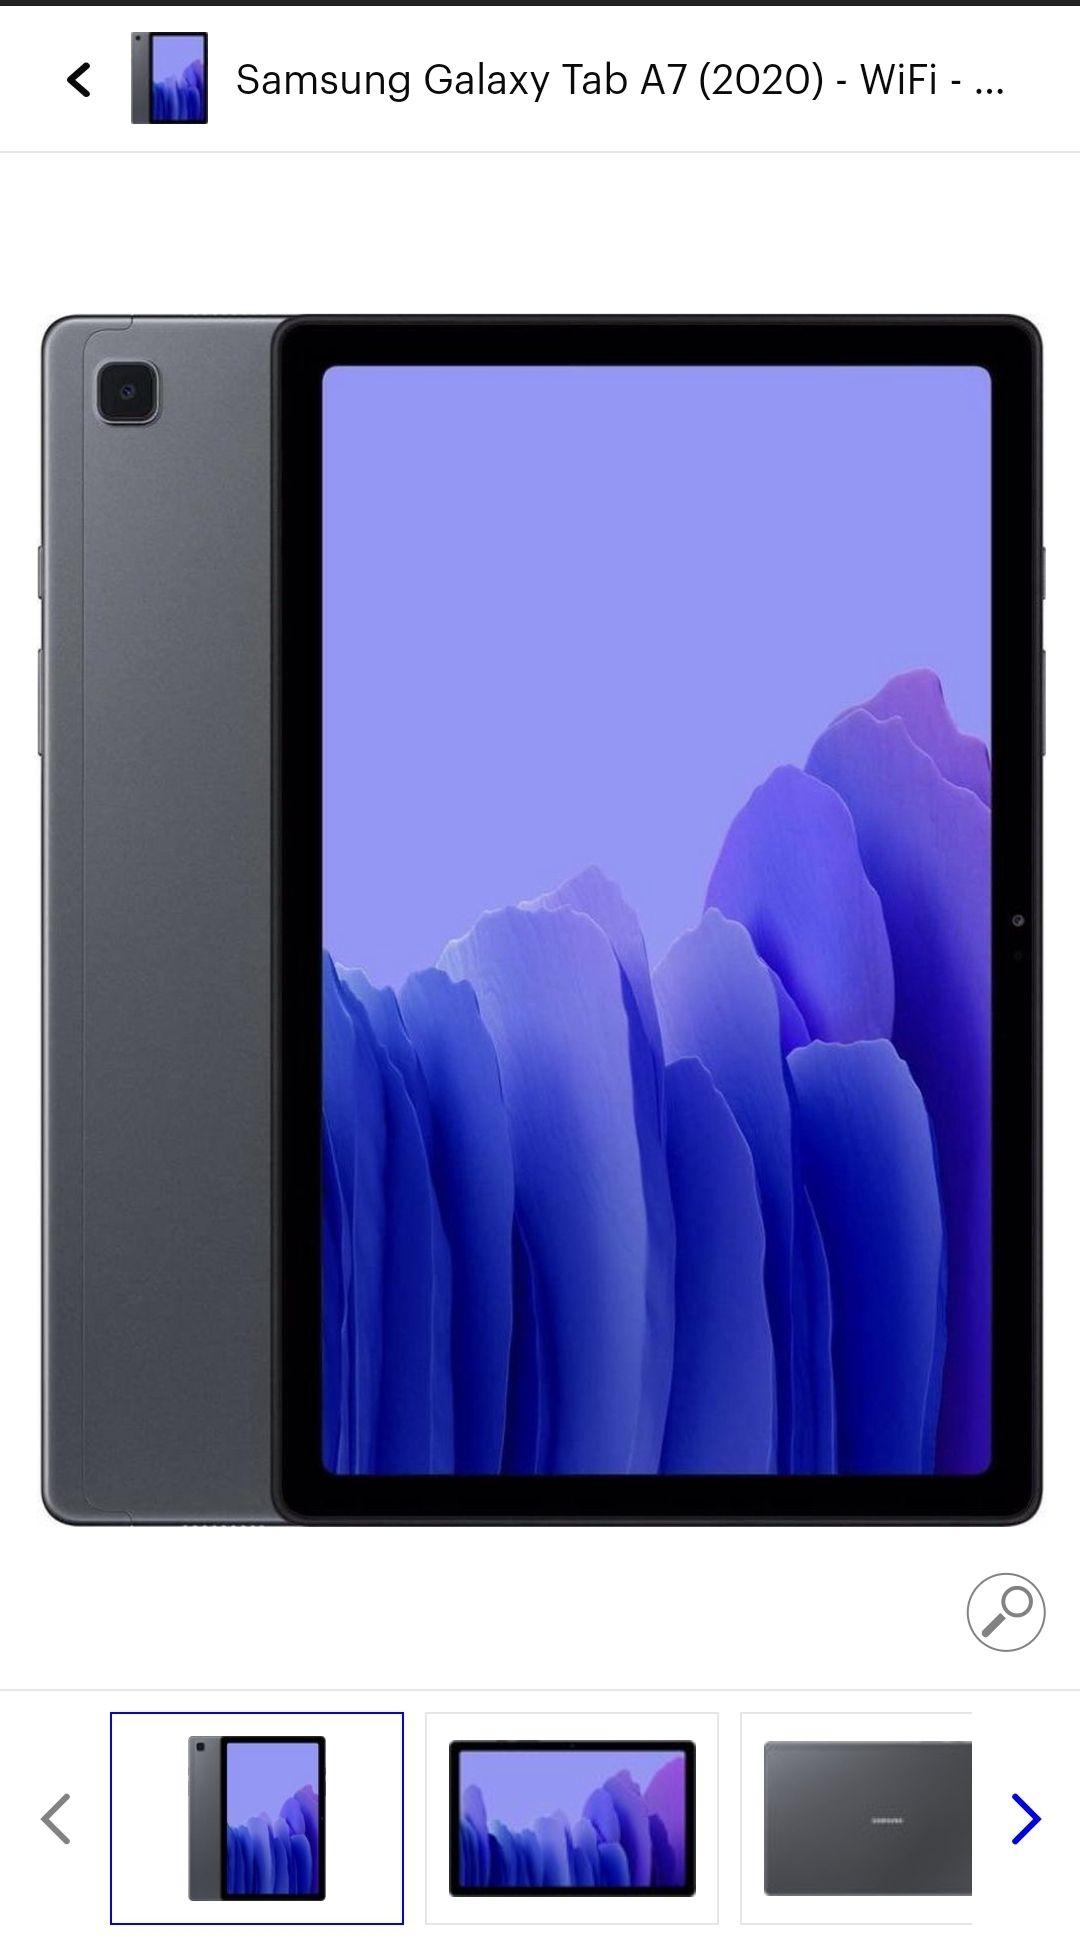 Samsung tab a7 (2020)